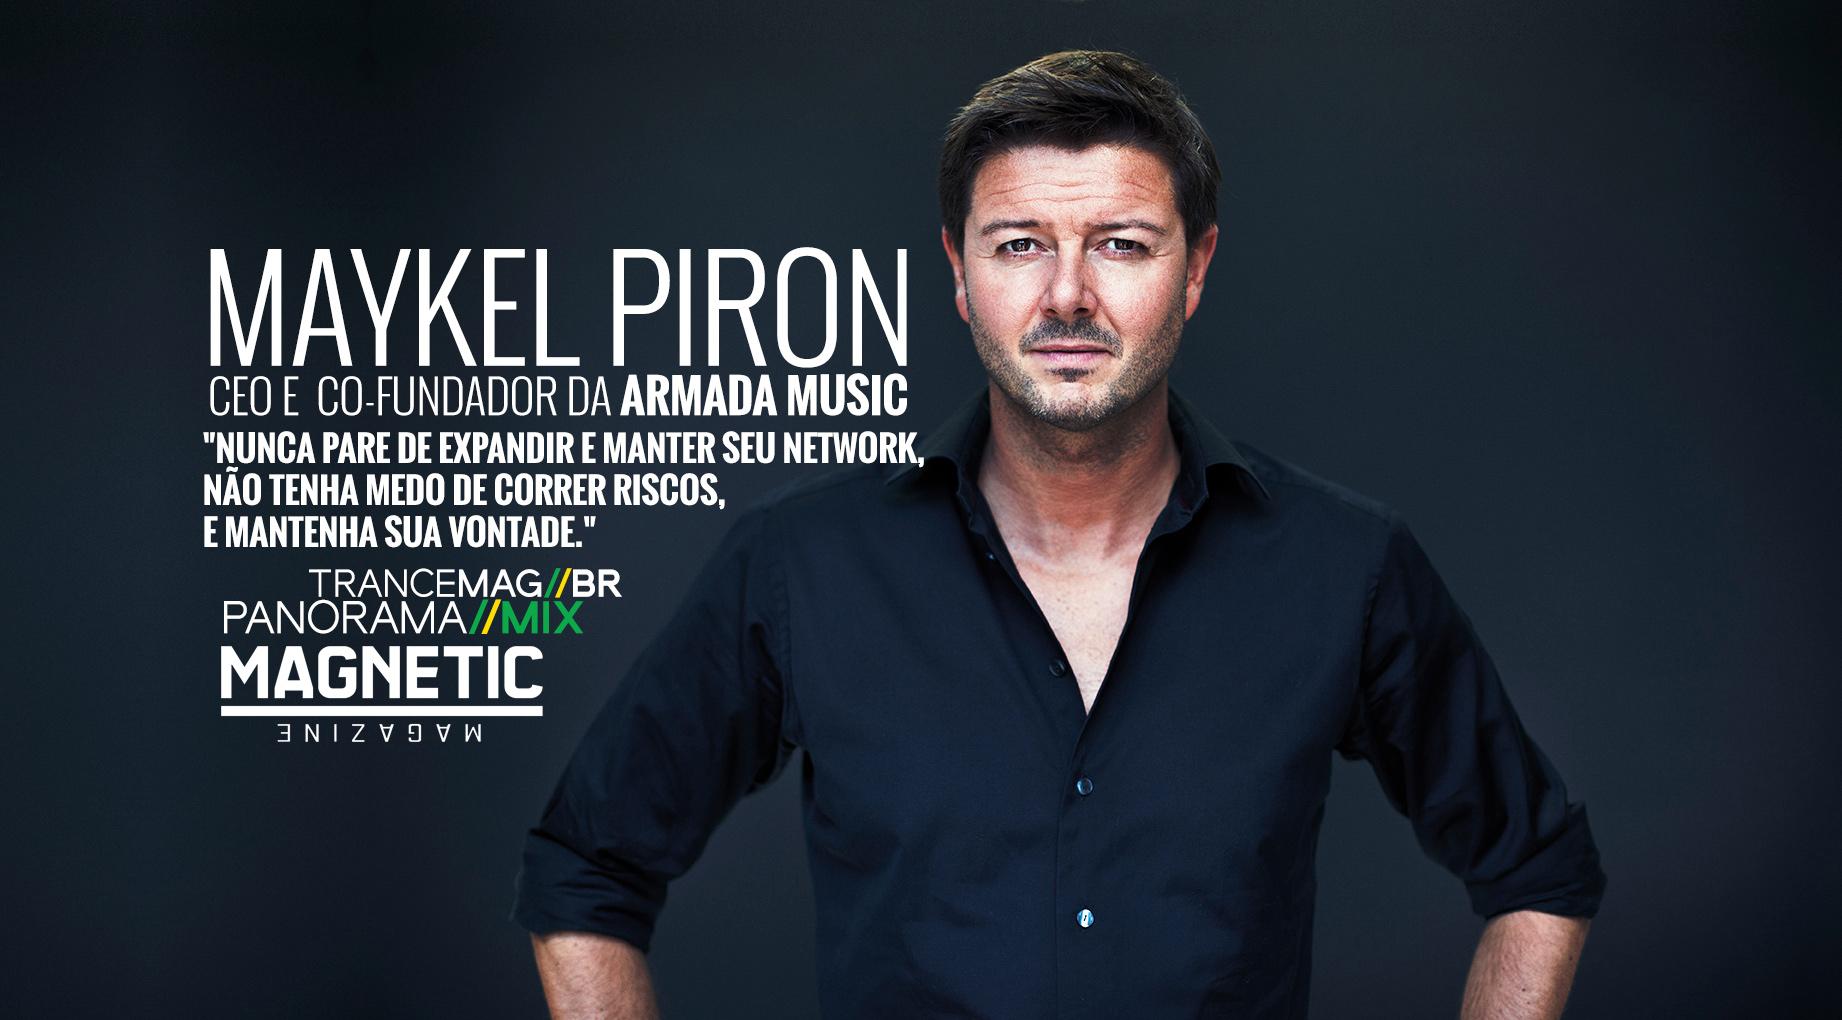 Panorama Mix: Maykel Piron – CEO e Co- Fundador da Armada Music